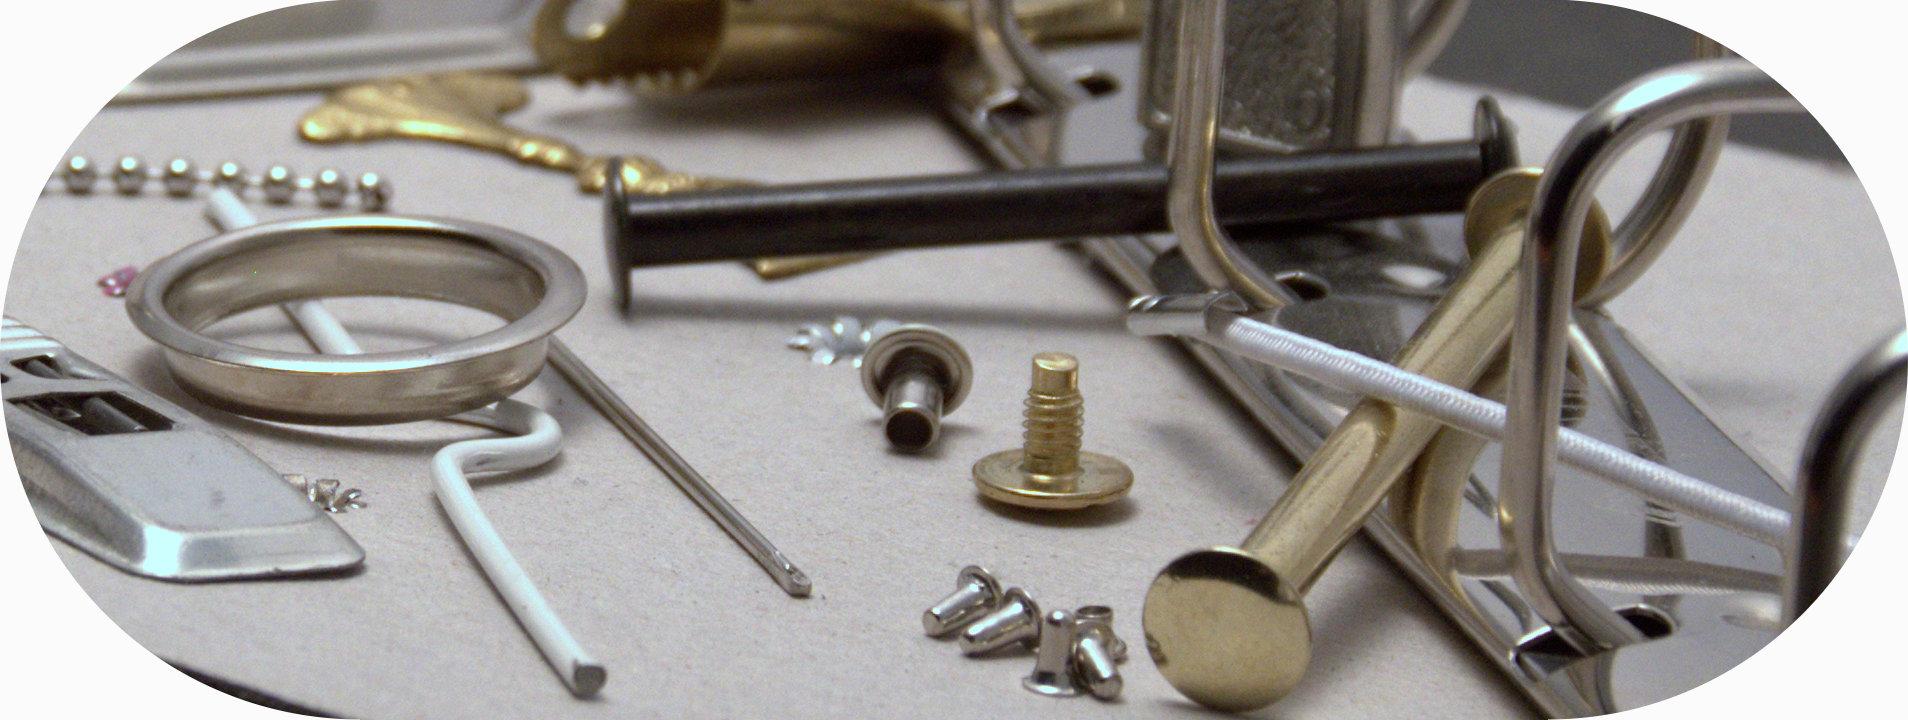 kovové produkty: skrutky, mechaniky, nity, háčiky, reťiazky, magnety